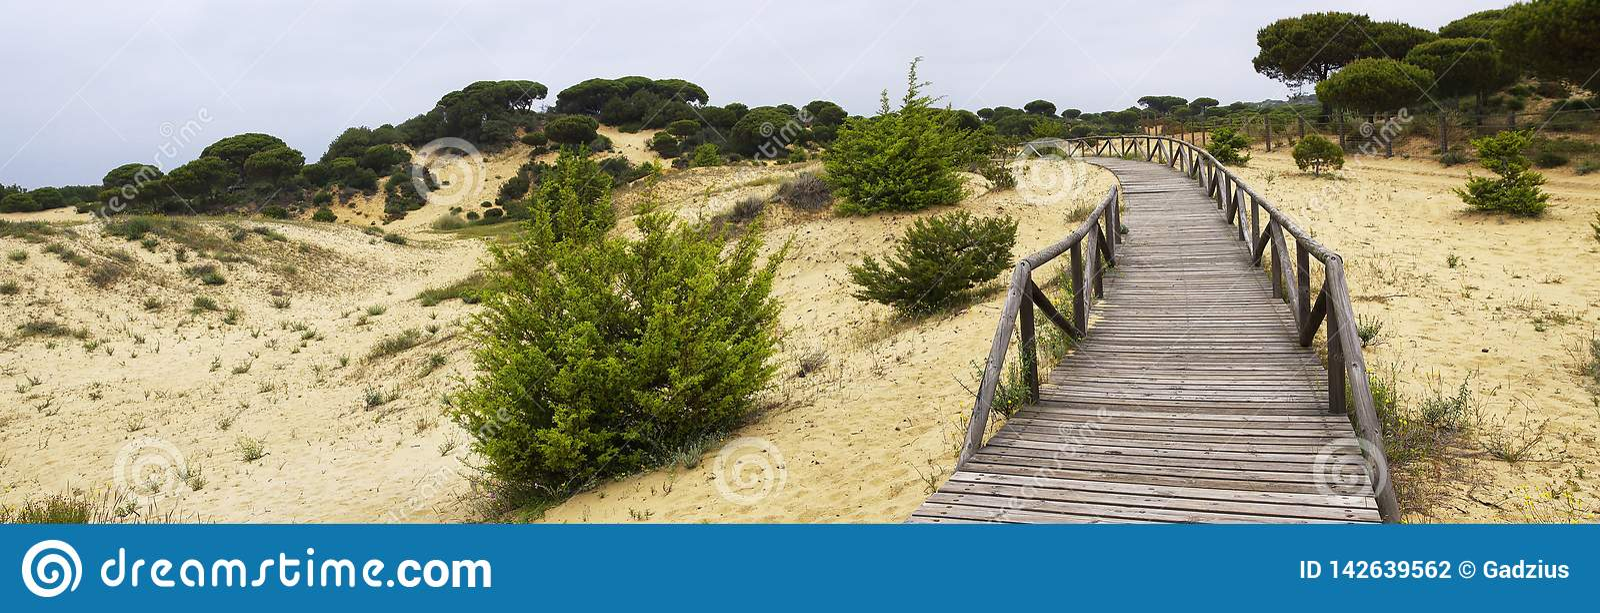 Um passeio à beira mar de madeira de enrolamento através das dunas perto de Matalascanas, província Huelva